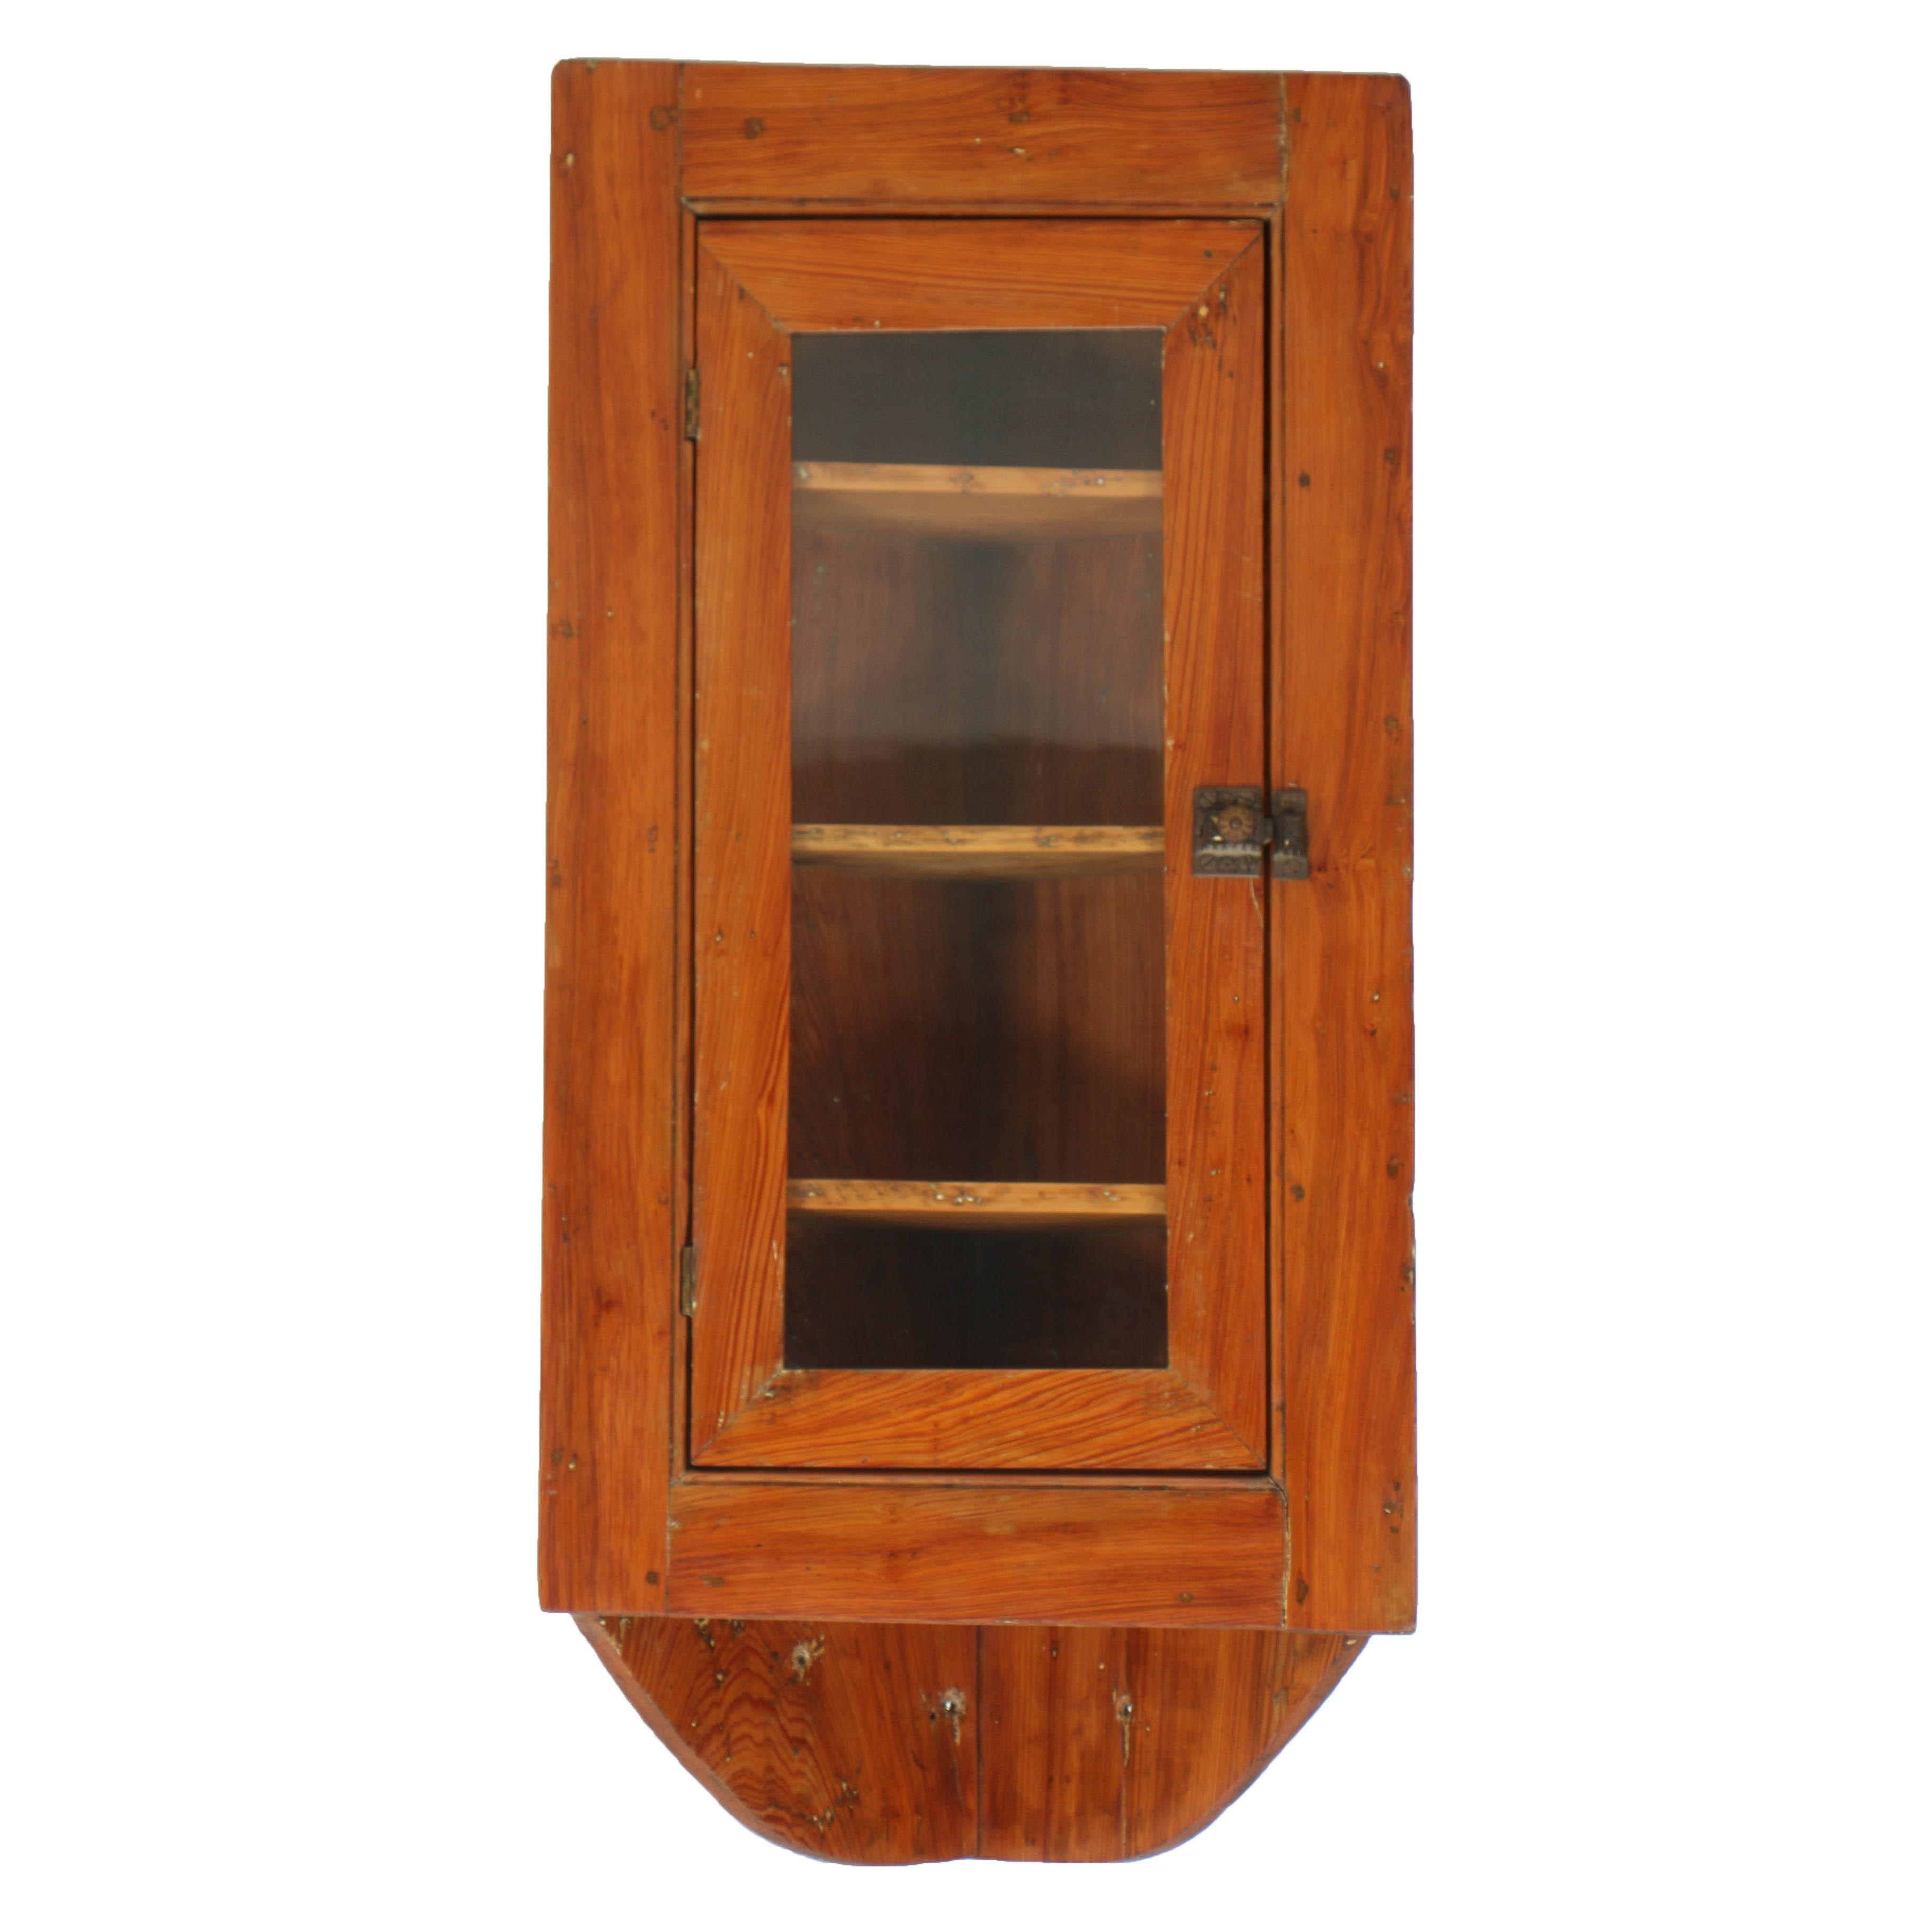 Antique Diminutive Hanging Corner Cupboard with Glazed Door